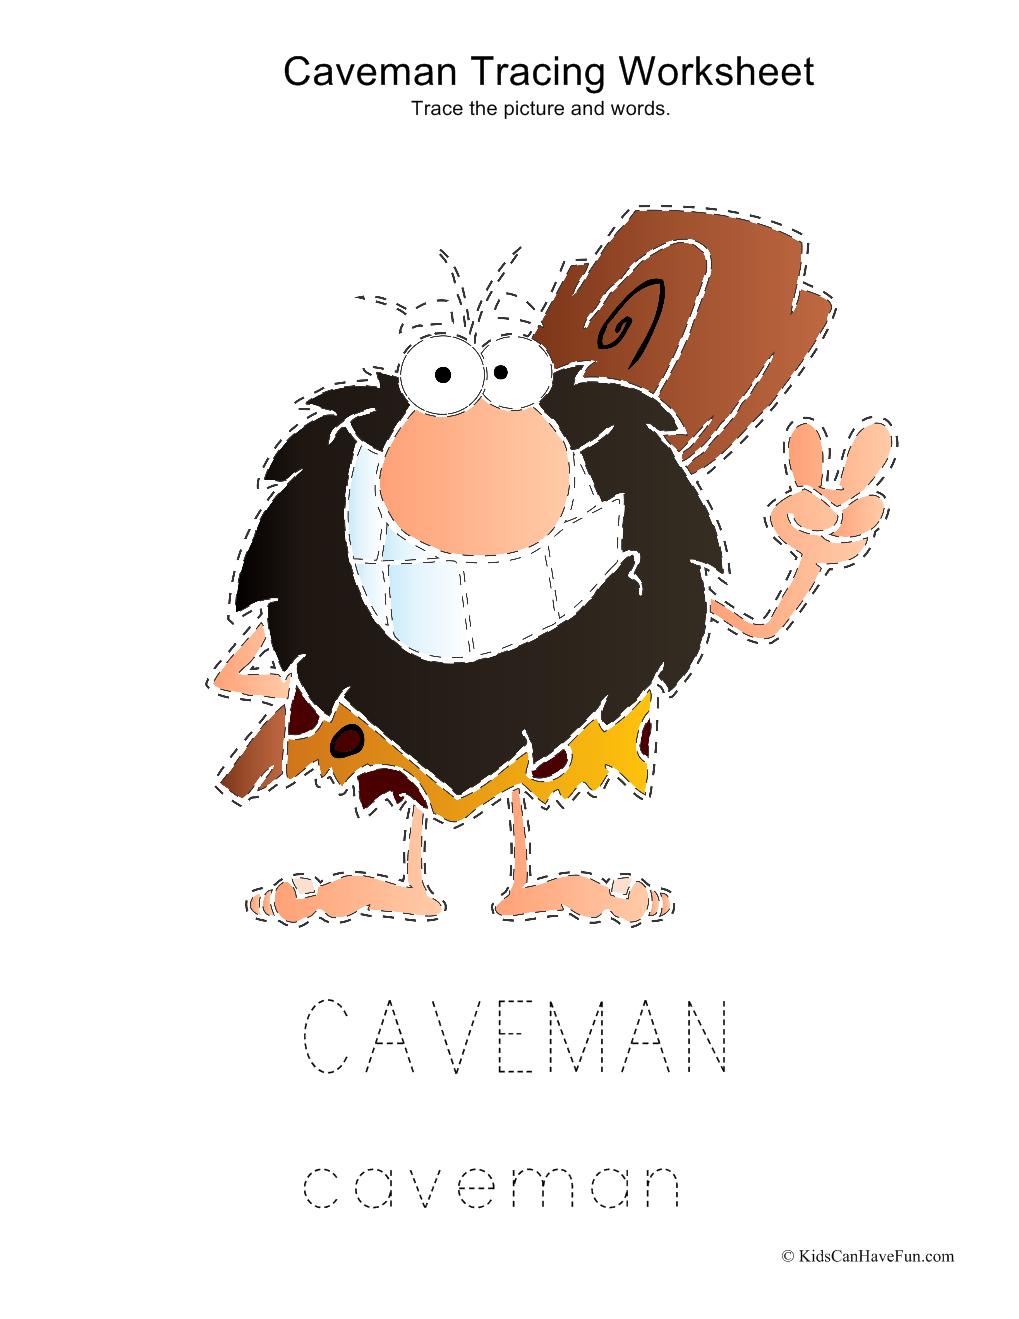 Workbooks prehistory worksheets : Tracing Caveman Worksheet | Educational Worksheets, Reading ...